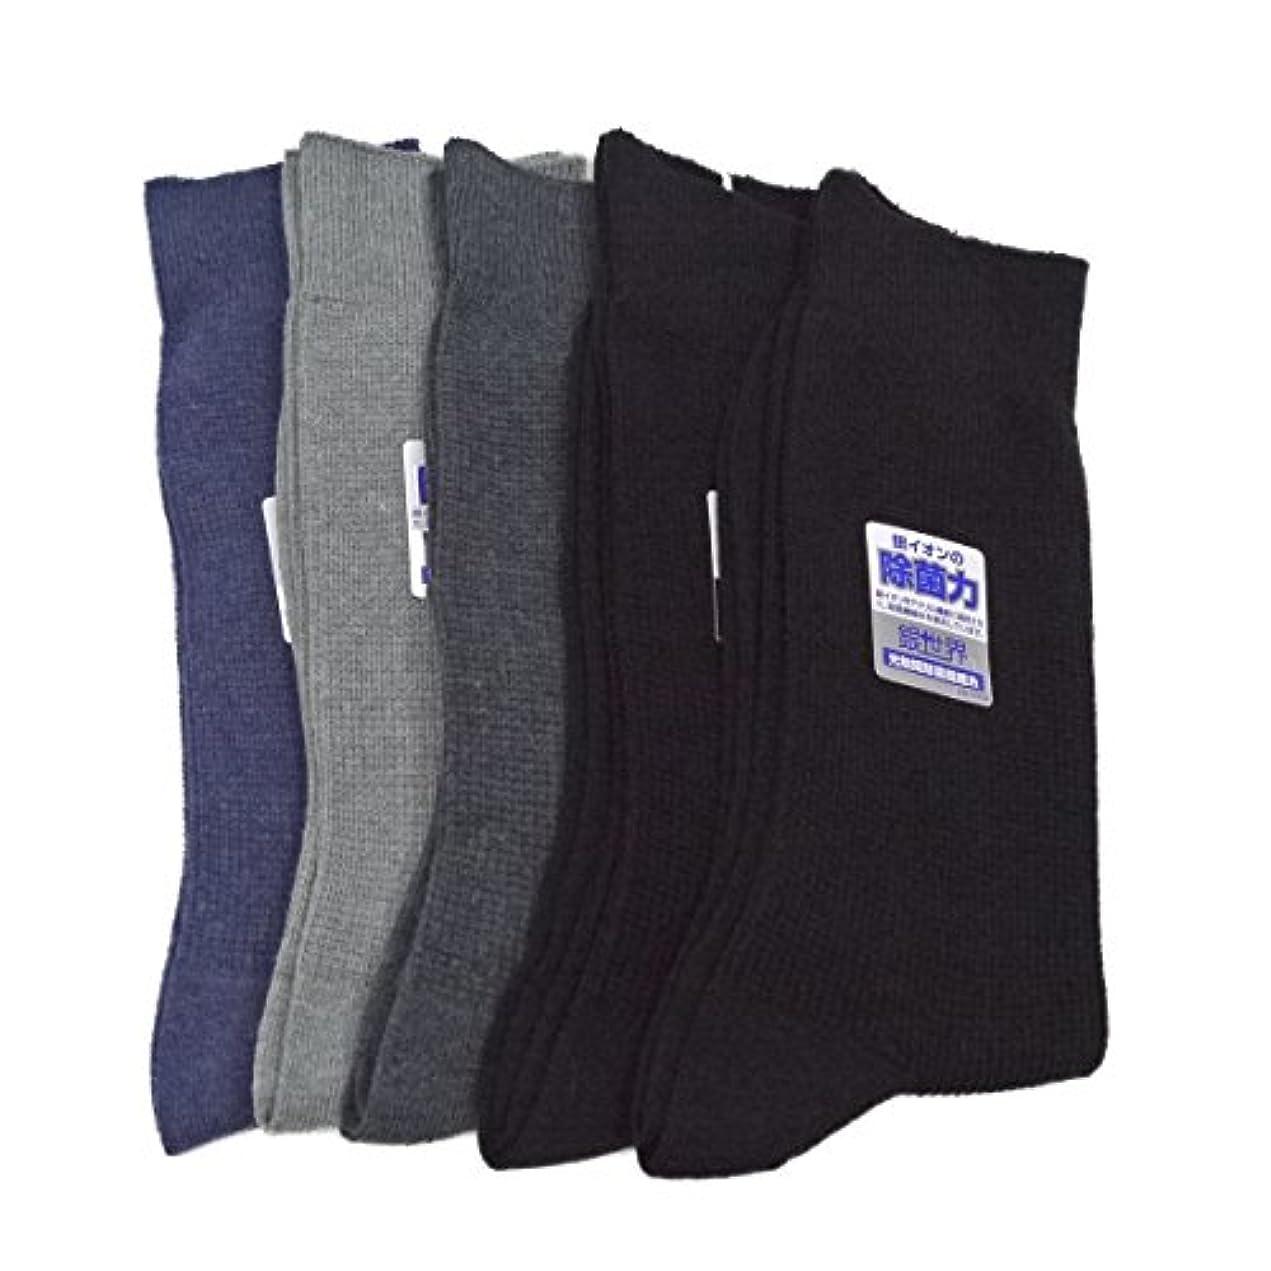 スカルク場合収益東洋紡 銀世界使用 日本製 銀イオンで除菌の靴下 リッチェル柄 アソート セット